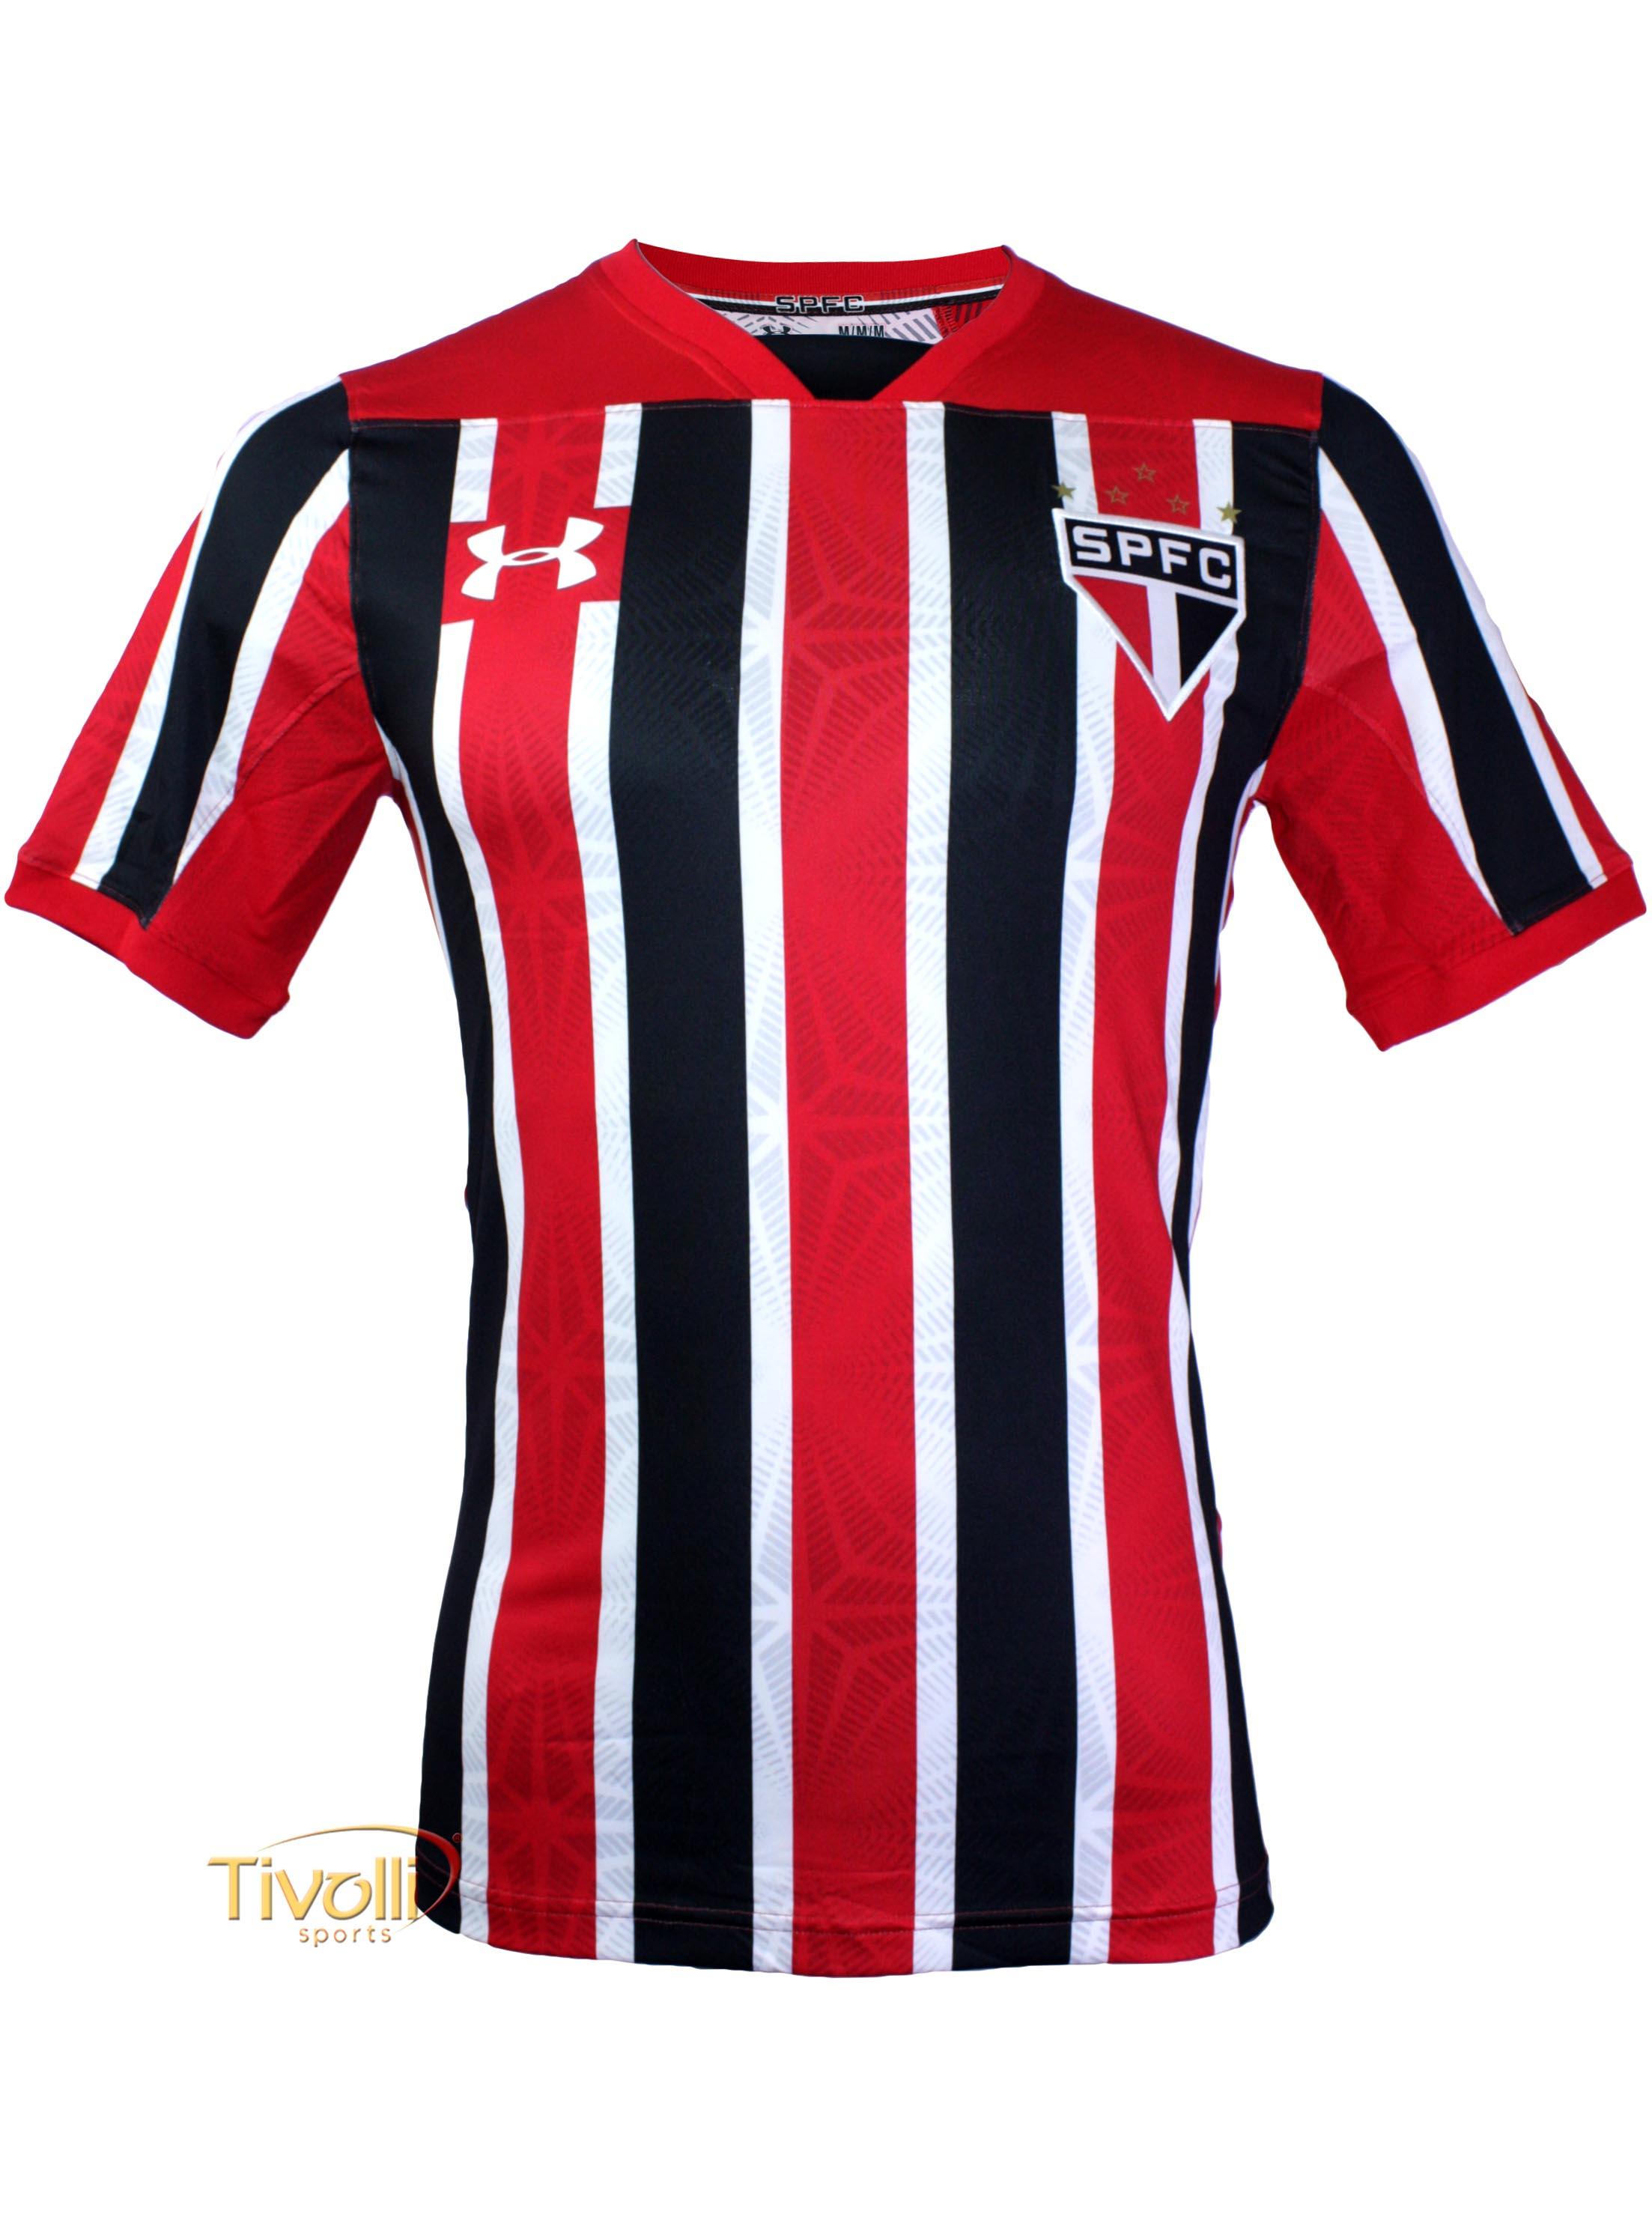 77f2cf6e29 Camisa São Paulo SPFC Jogador II Away 2017 2018 Under Armour